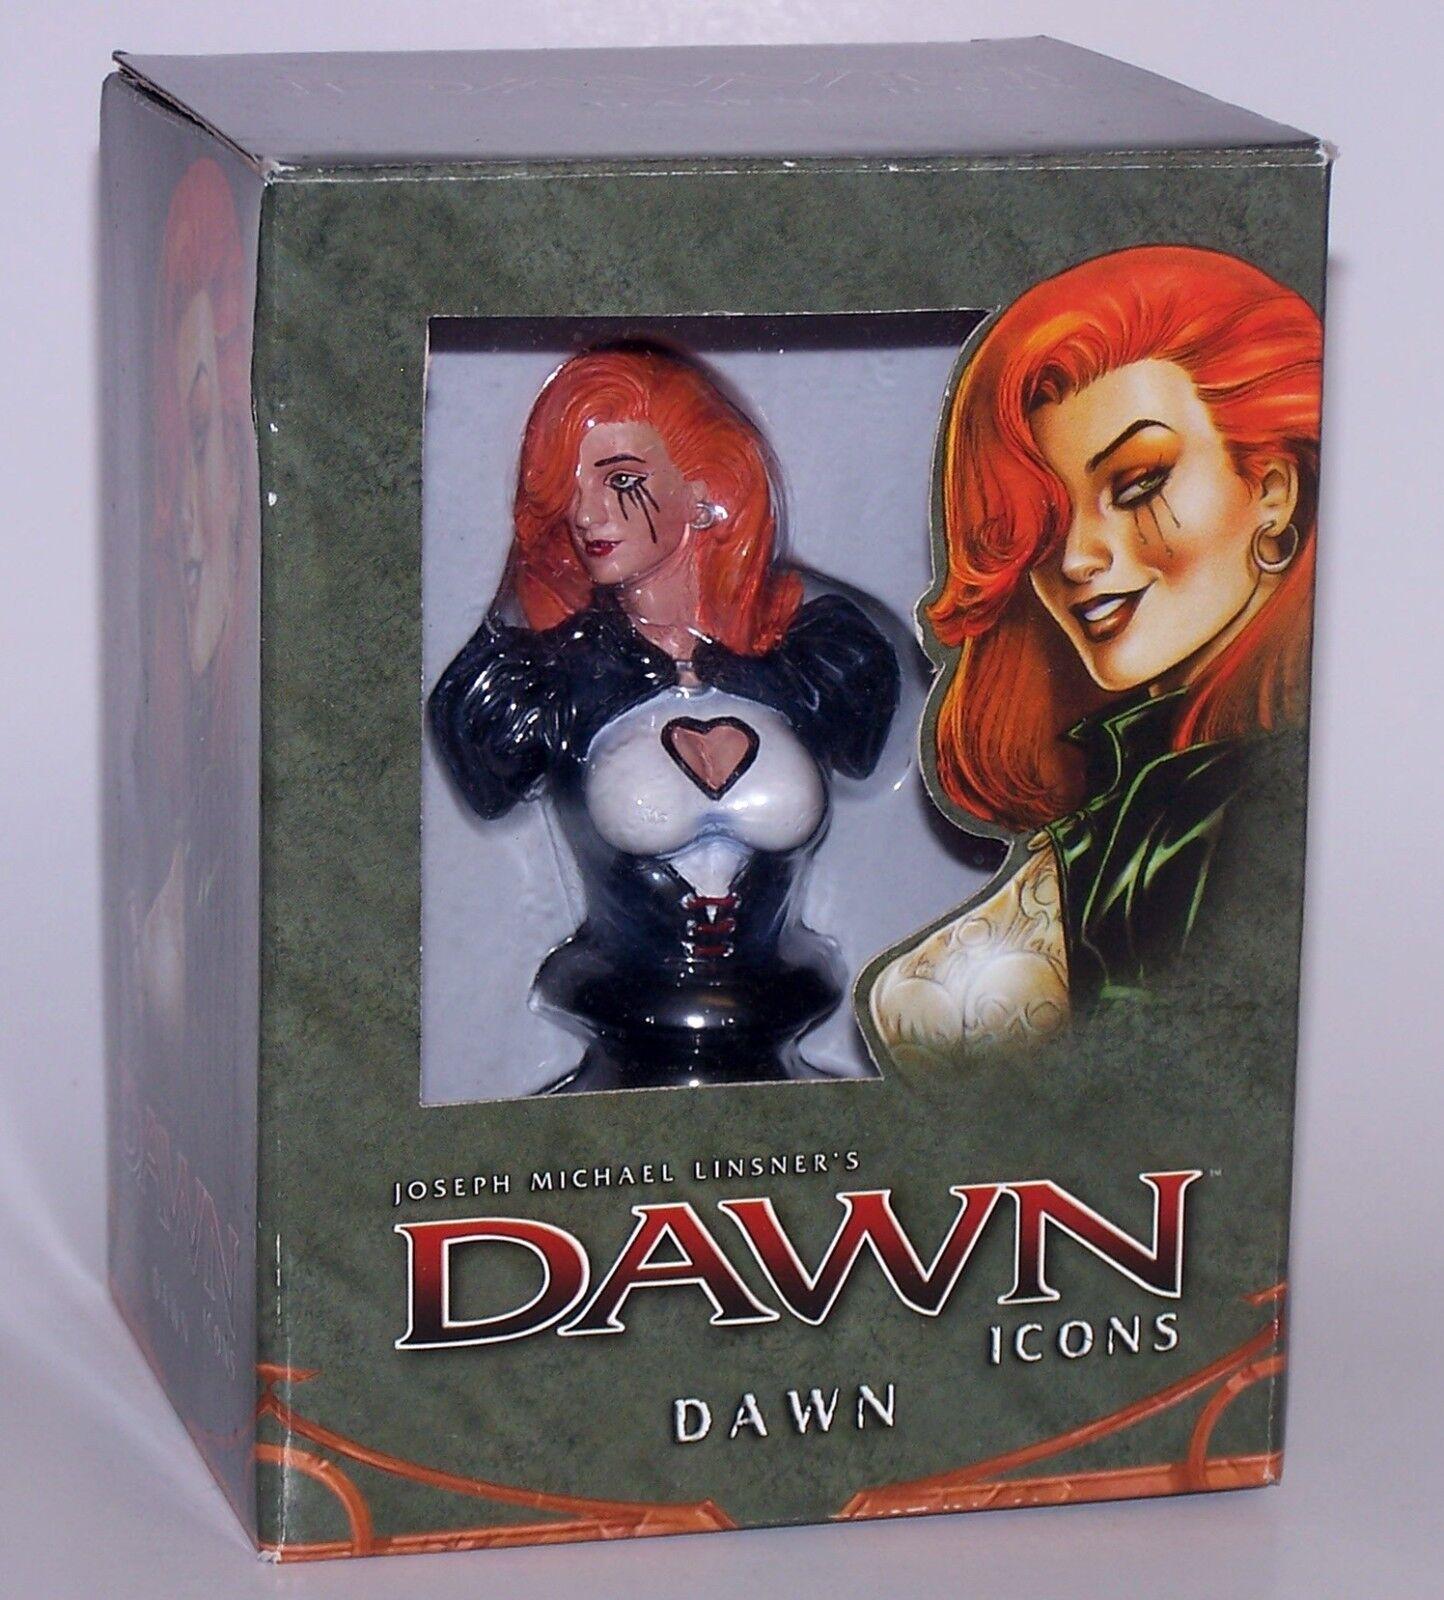 Dawn icons pleite gute mädchen joseph linsner nib begrenzte niedrig   44   2000 - 2007